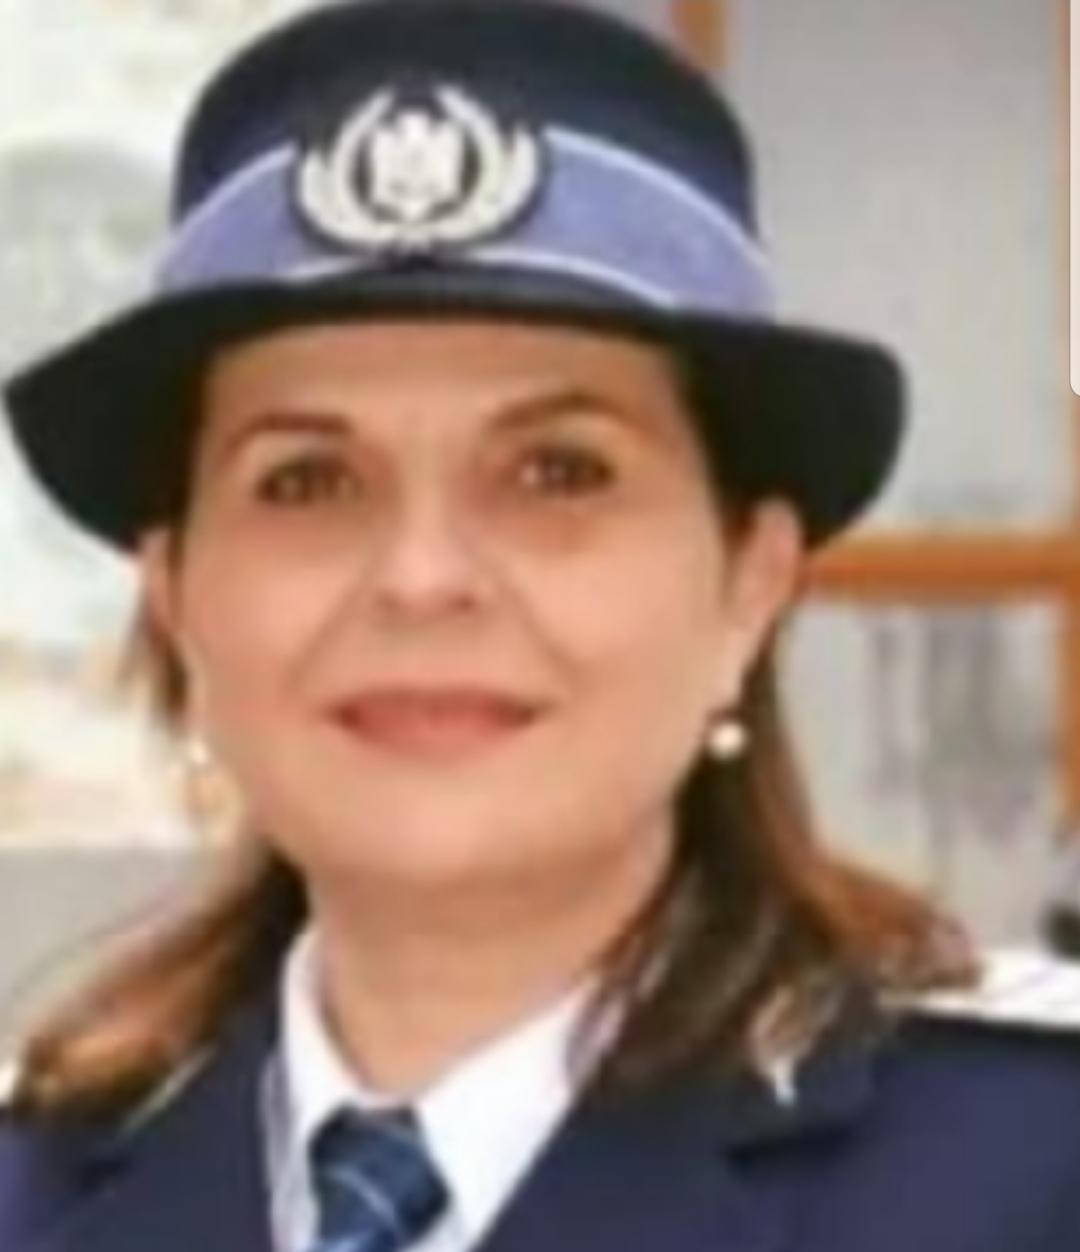 Ce s-a întâmplat cu poliţista din Mureş, infectată cu noul coronavirus, care a murit la 53 de ani